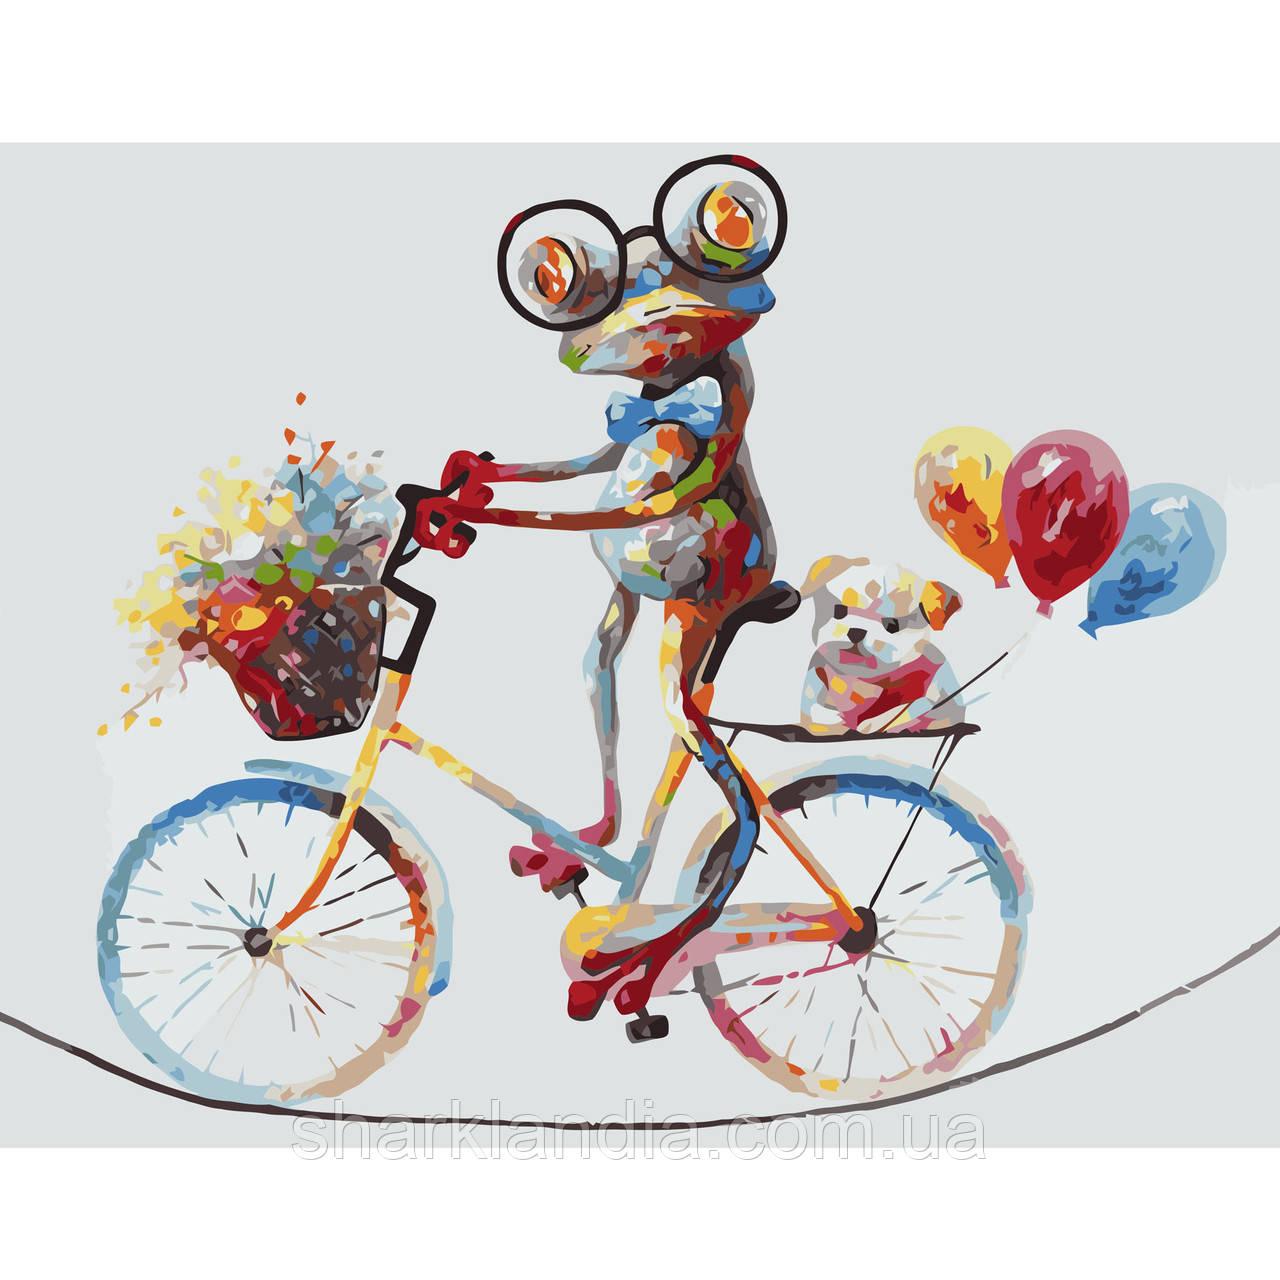 Картина за Номерами Яскравий жабеня на велосипеді 40х50см Strateg